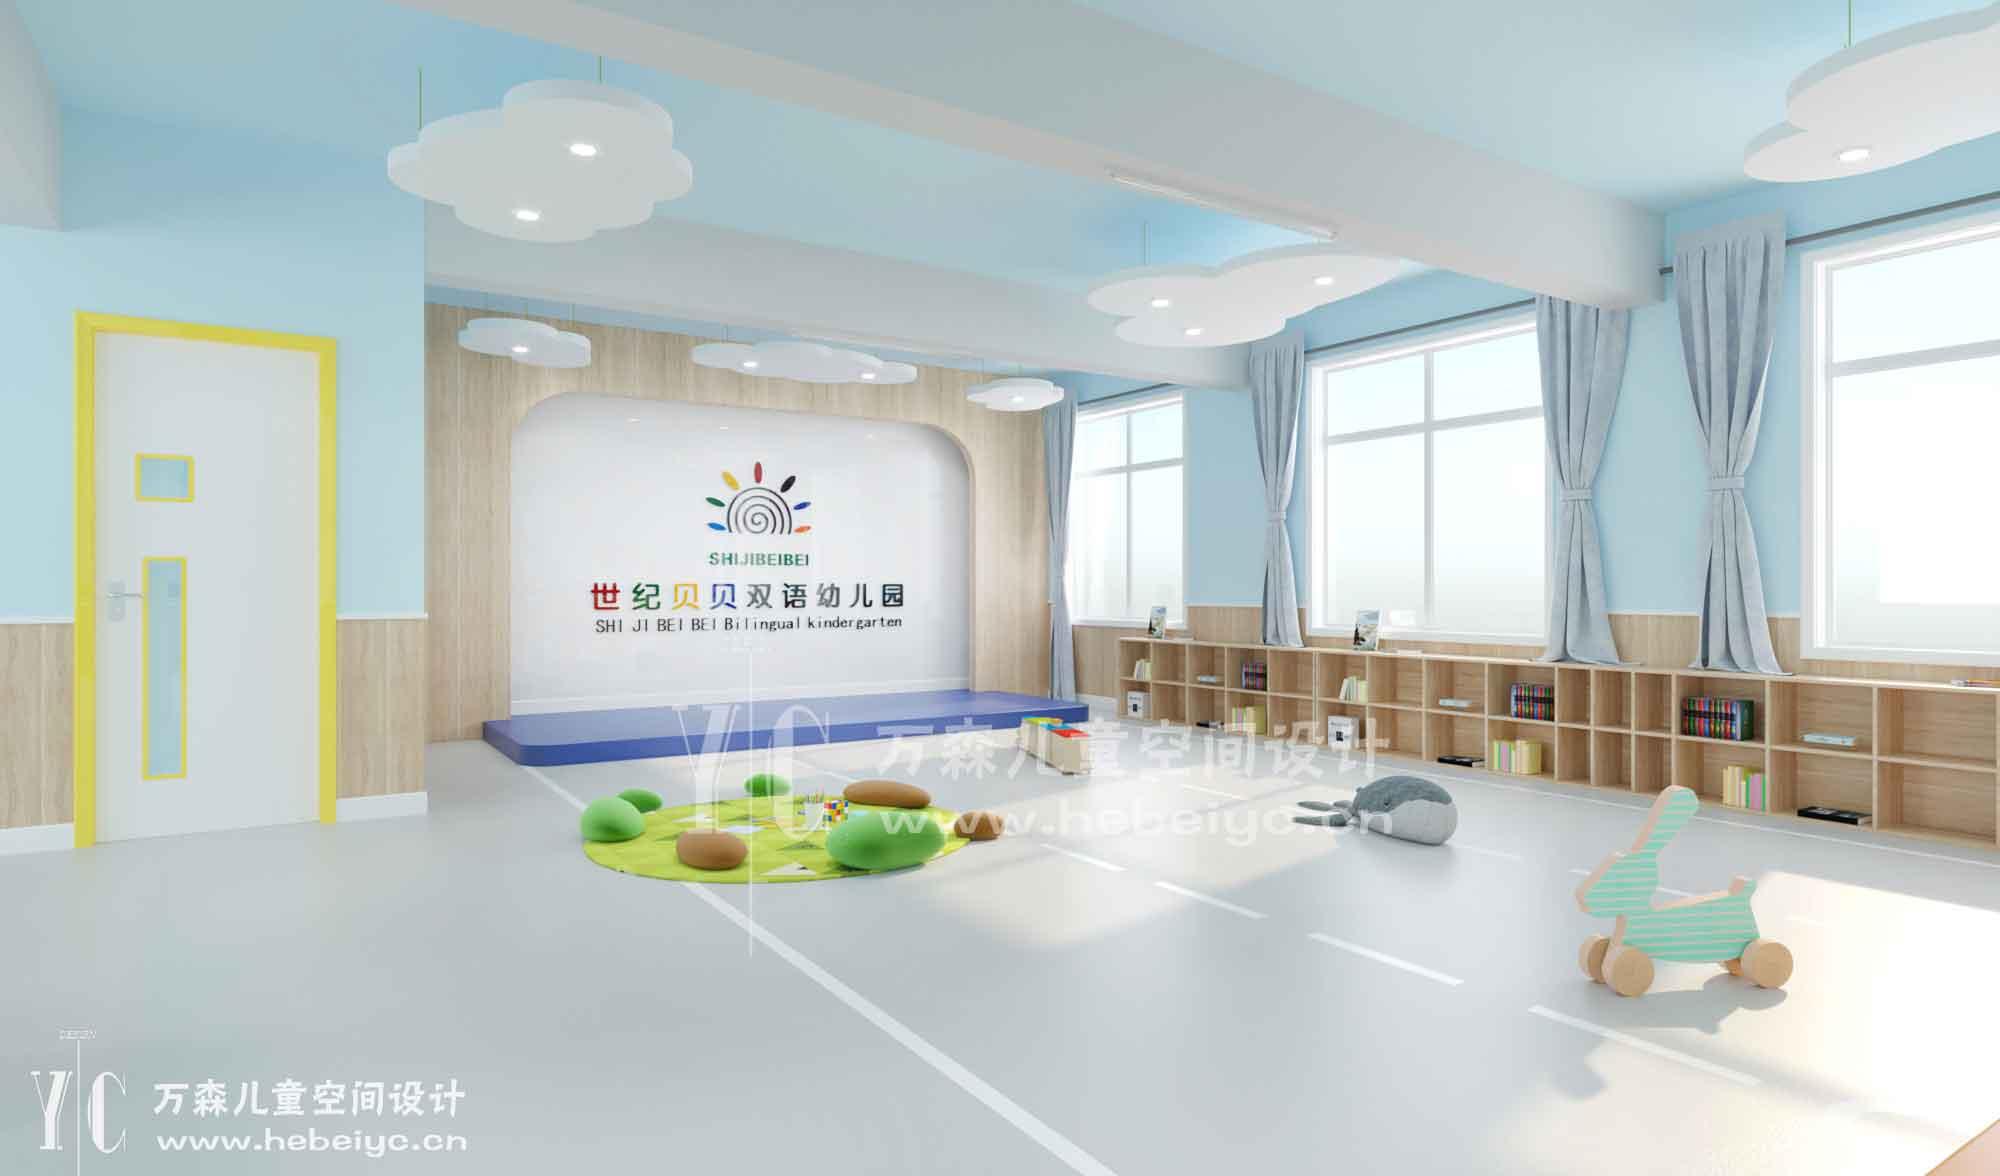 南宮市世紀貝貝幼兒園擴建